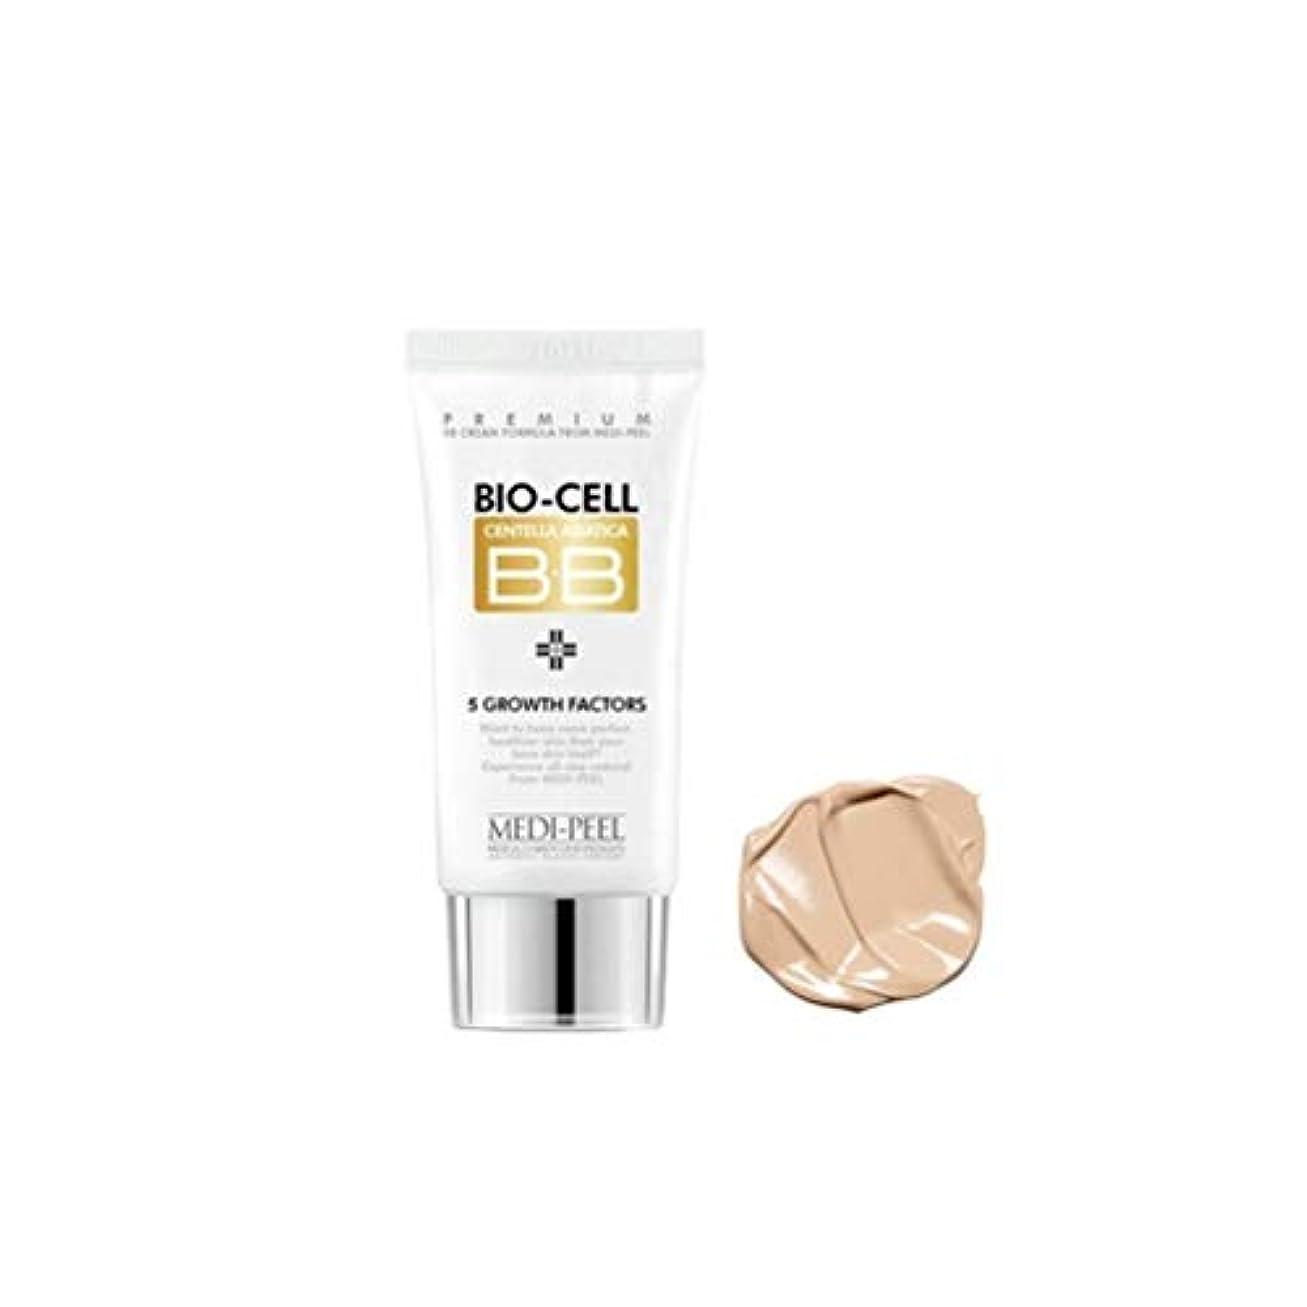 晴れ共役コーデリア[Medi-Peel] メディピール バイオセル BBクリーム 50ml. [美.白?シワ.改善2重機能性化粧品] Medi-Peel Bio-cell BB Cream 50ml.